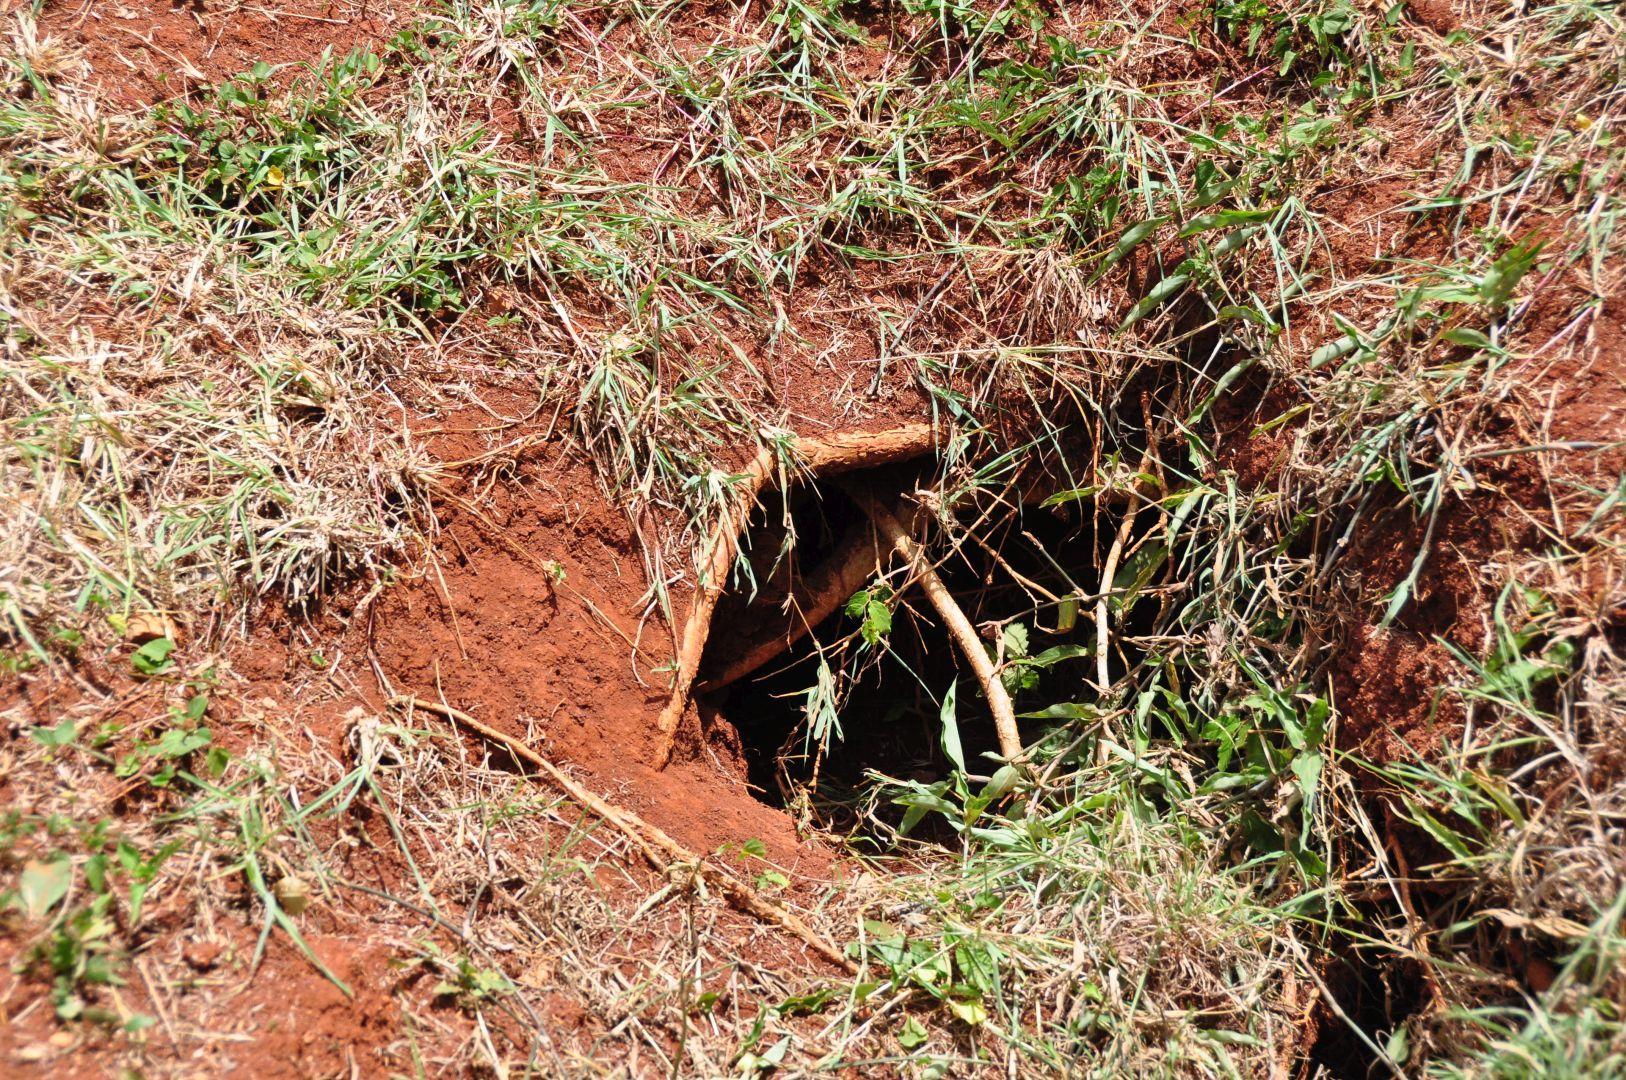 nido de iguana